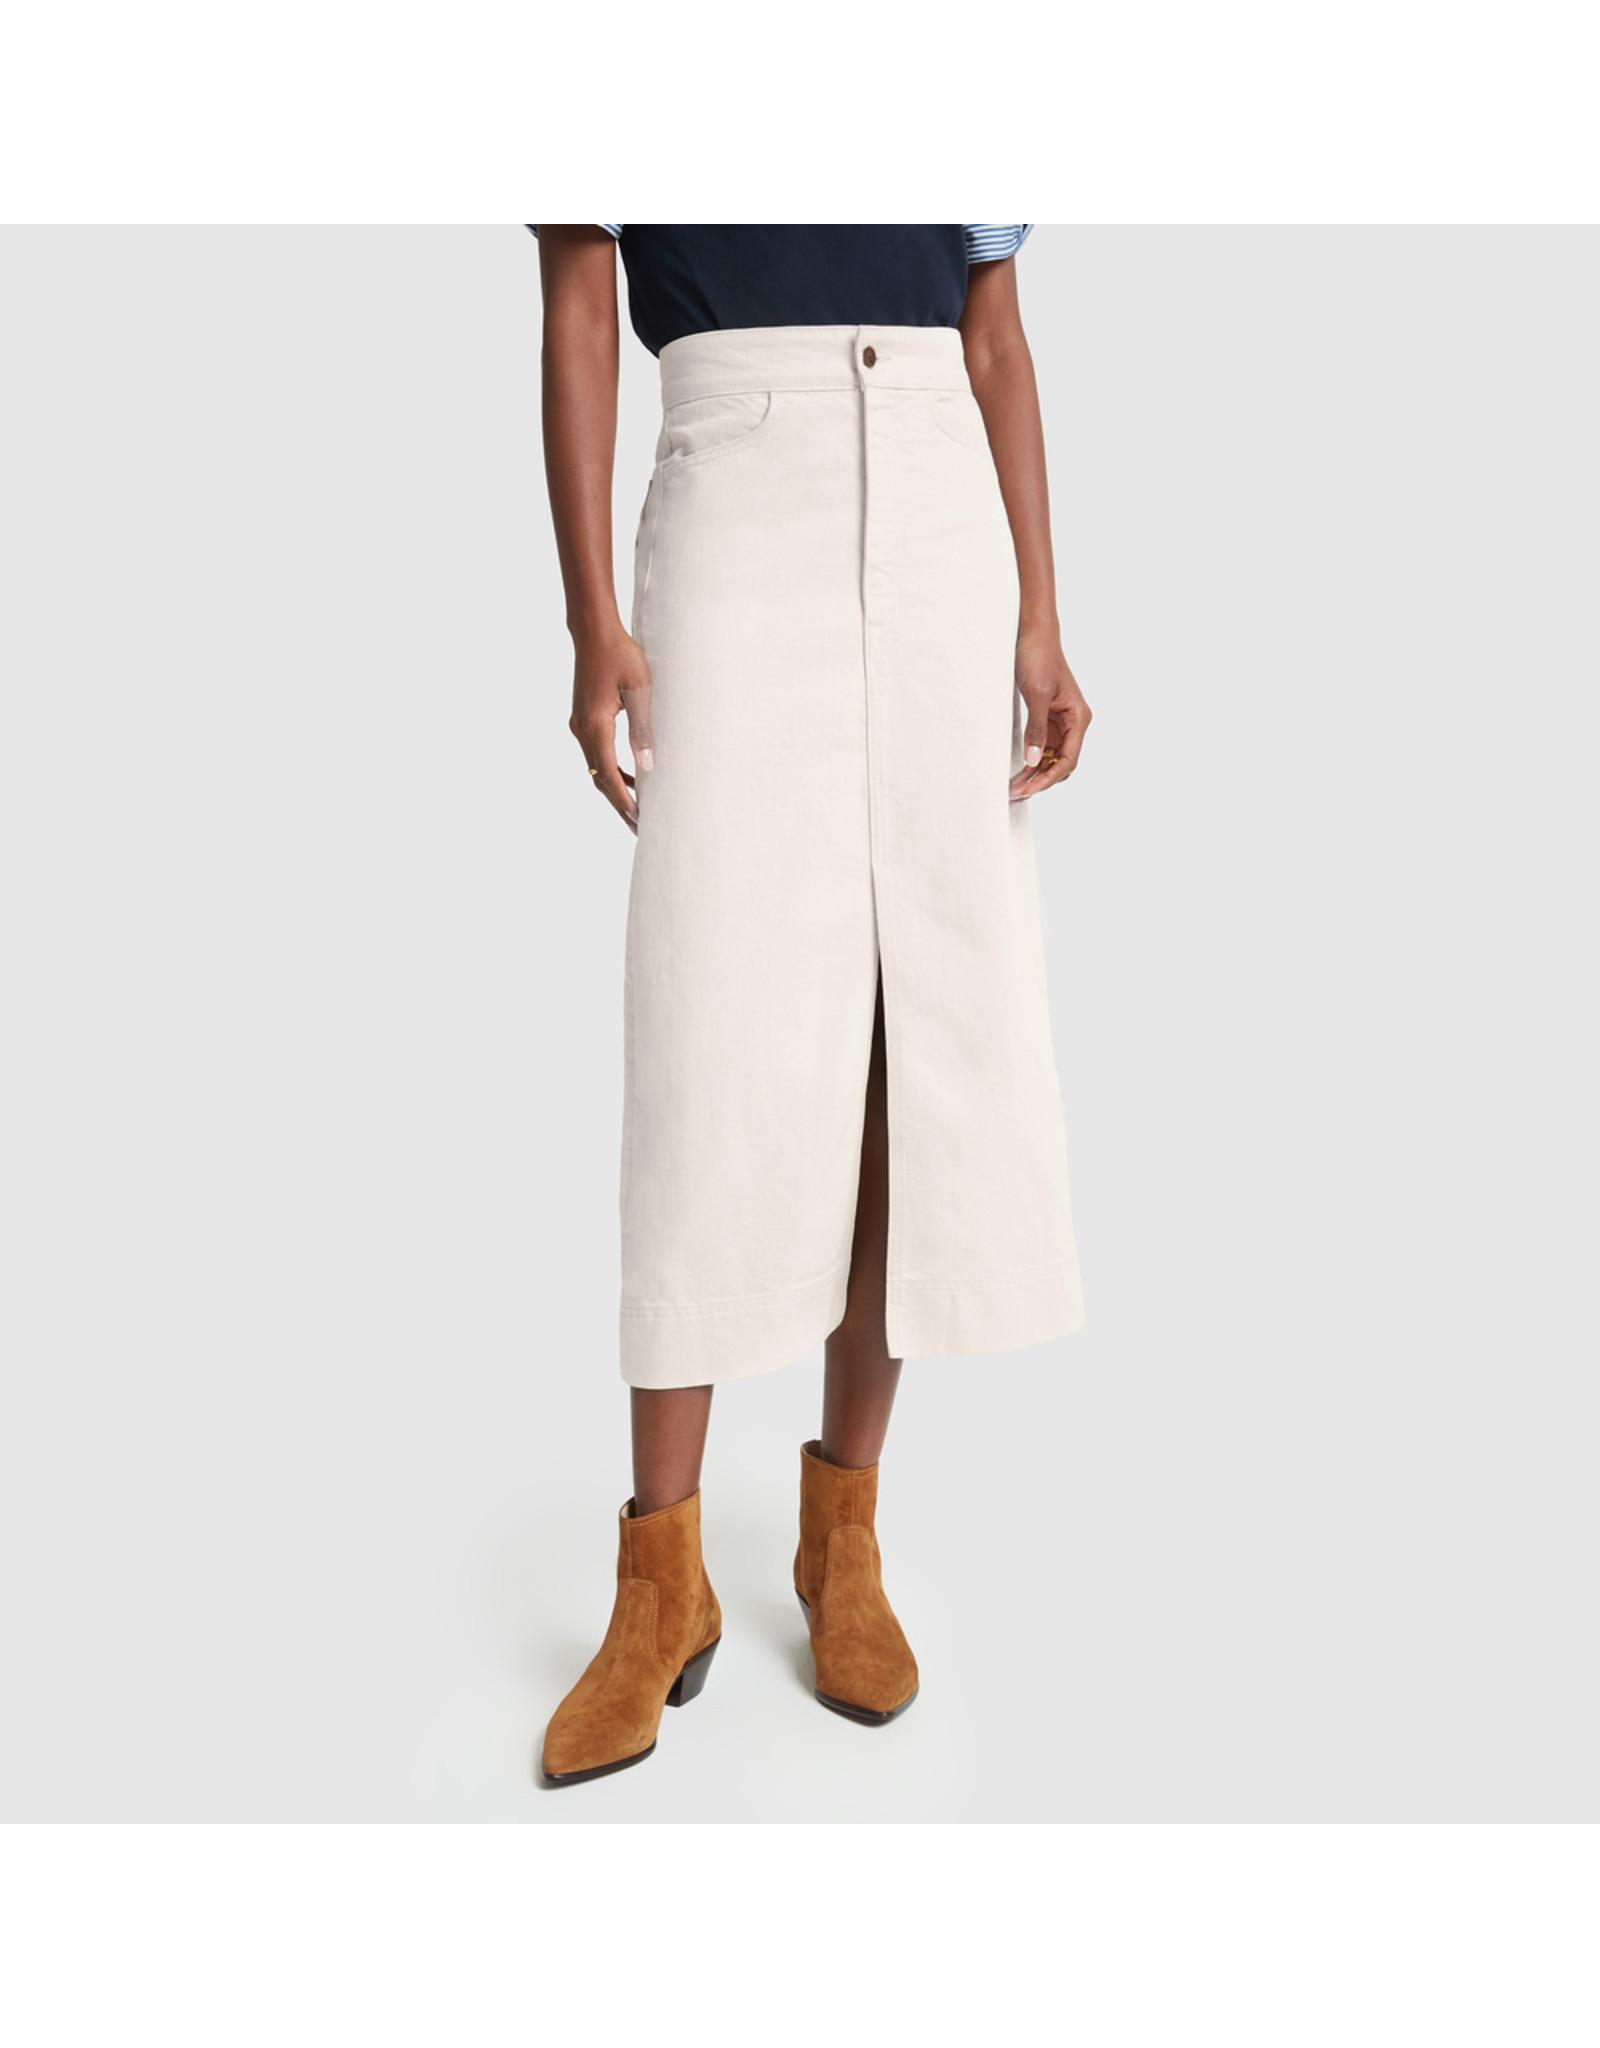 G. Label G. Label Yu Denim Pencil Skirt (Size: 25, Color: Natural)